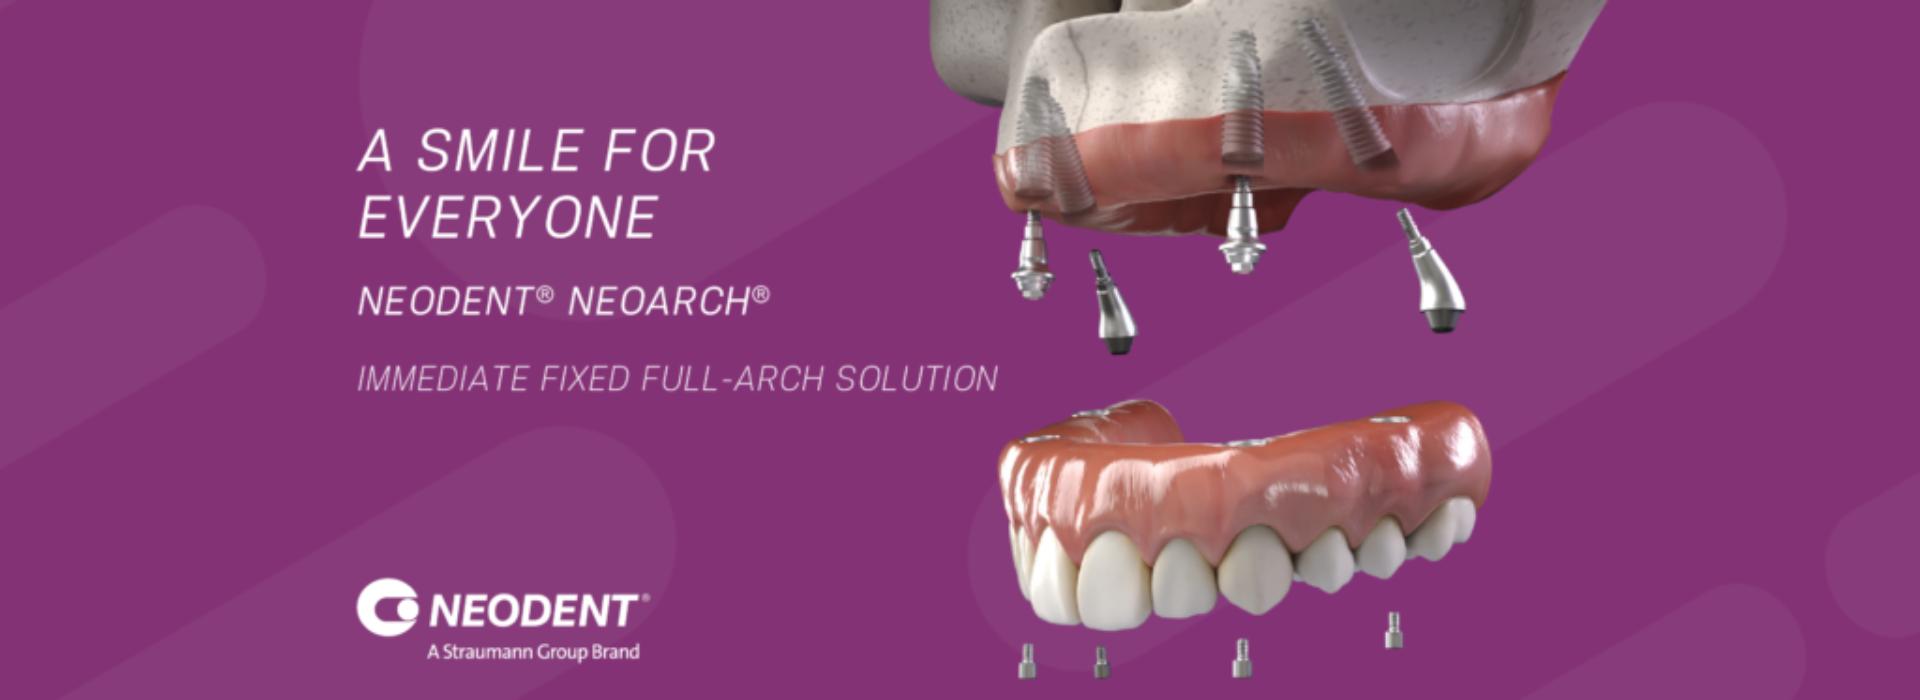 Neodent Dental Implant